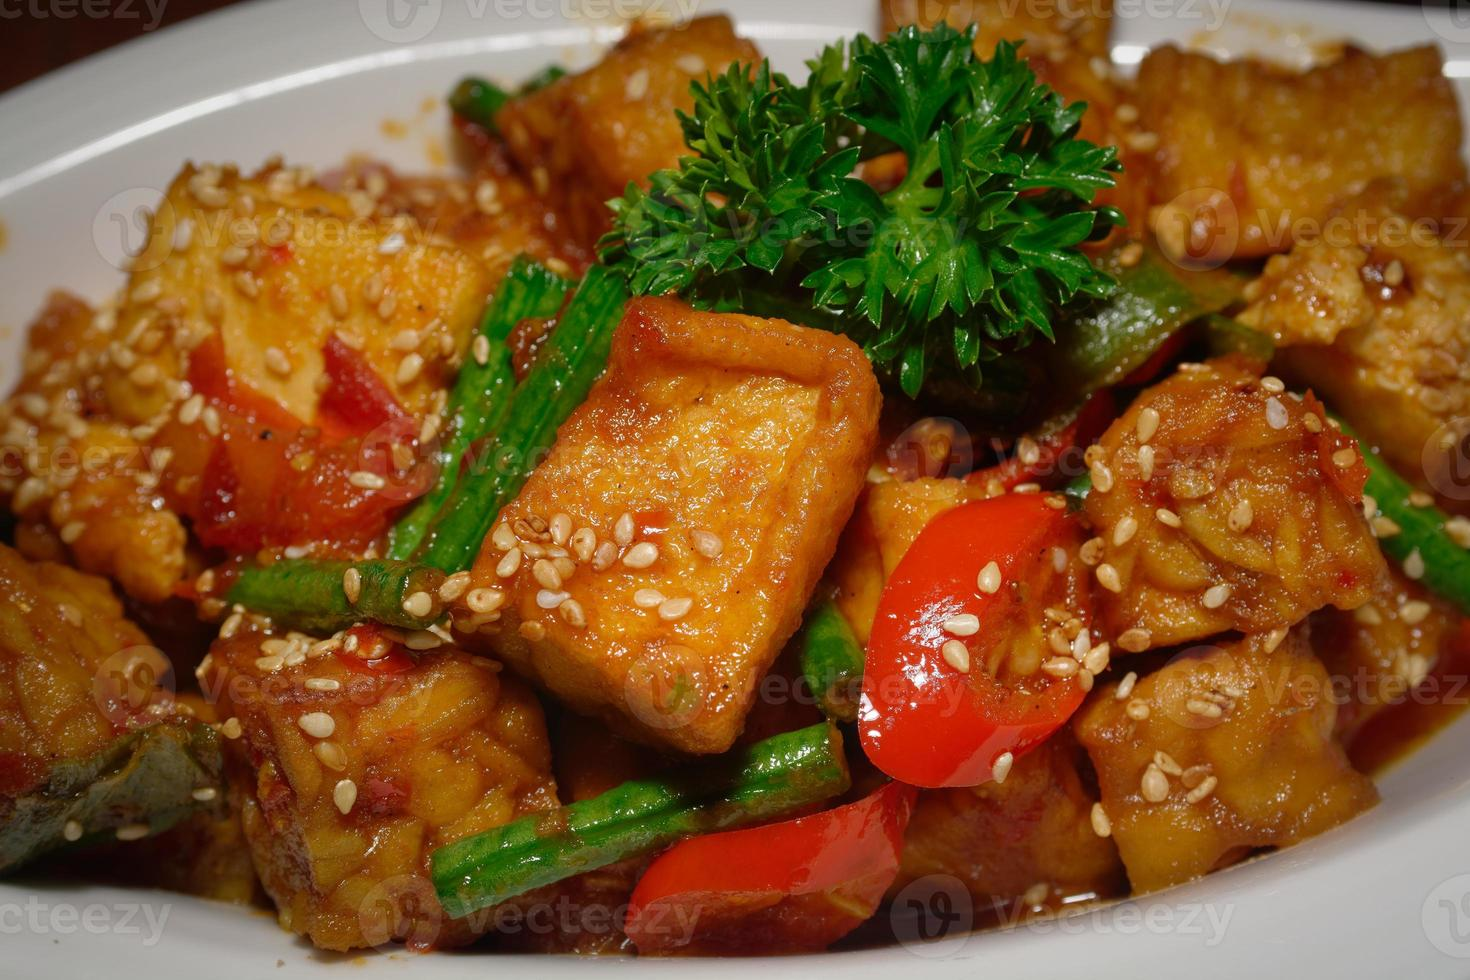 Tofu and Tempe photo